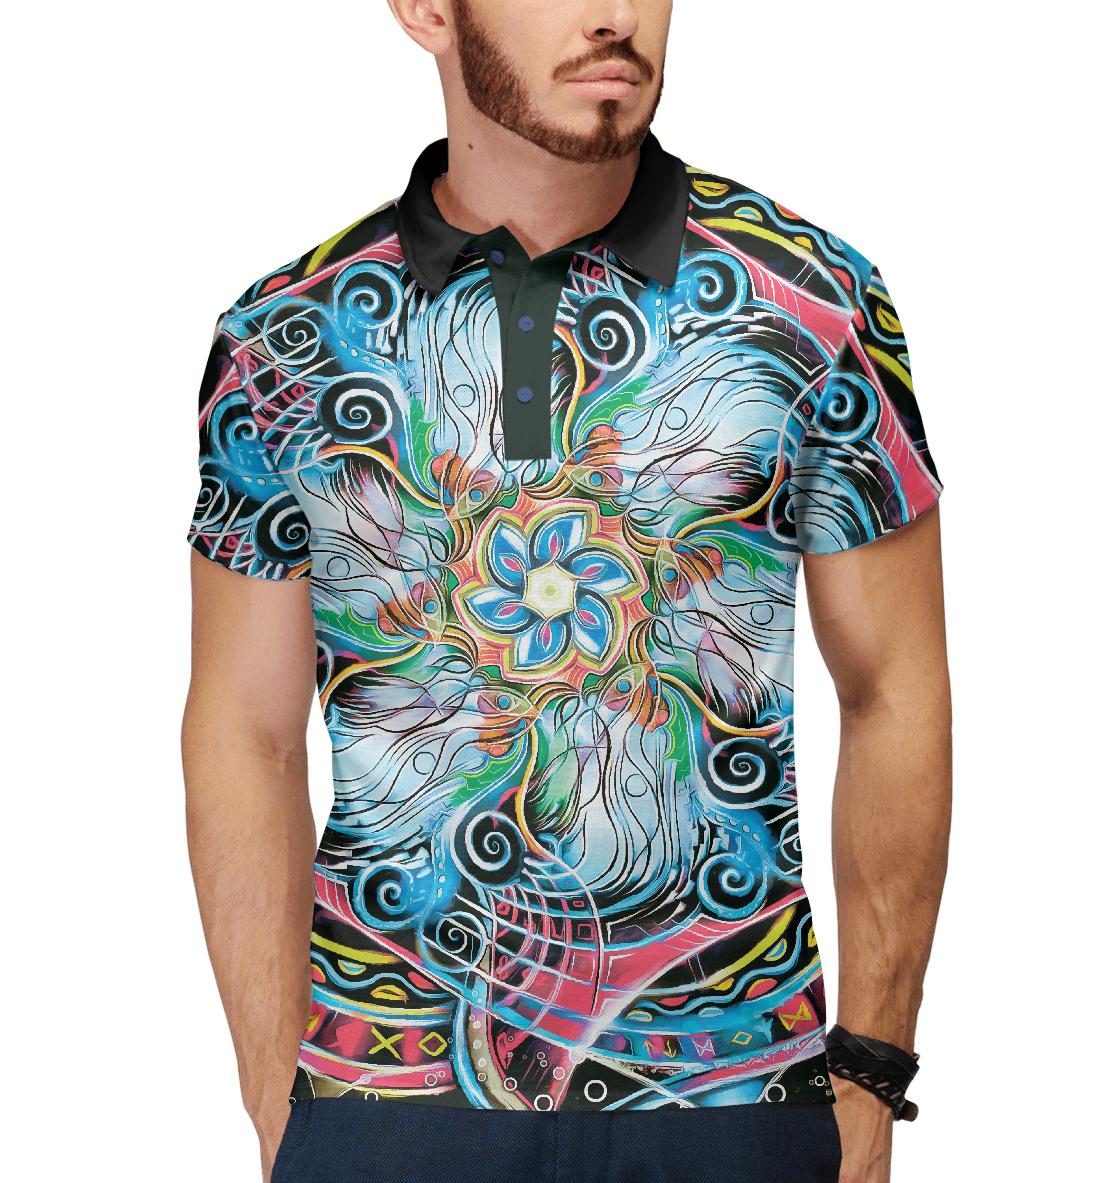 Купить Мандала Странные Цветные Руны, Printbar, Поло, APD-506067-pol-2